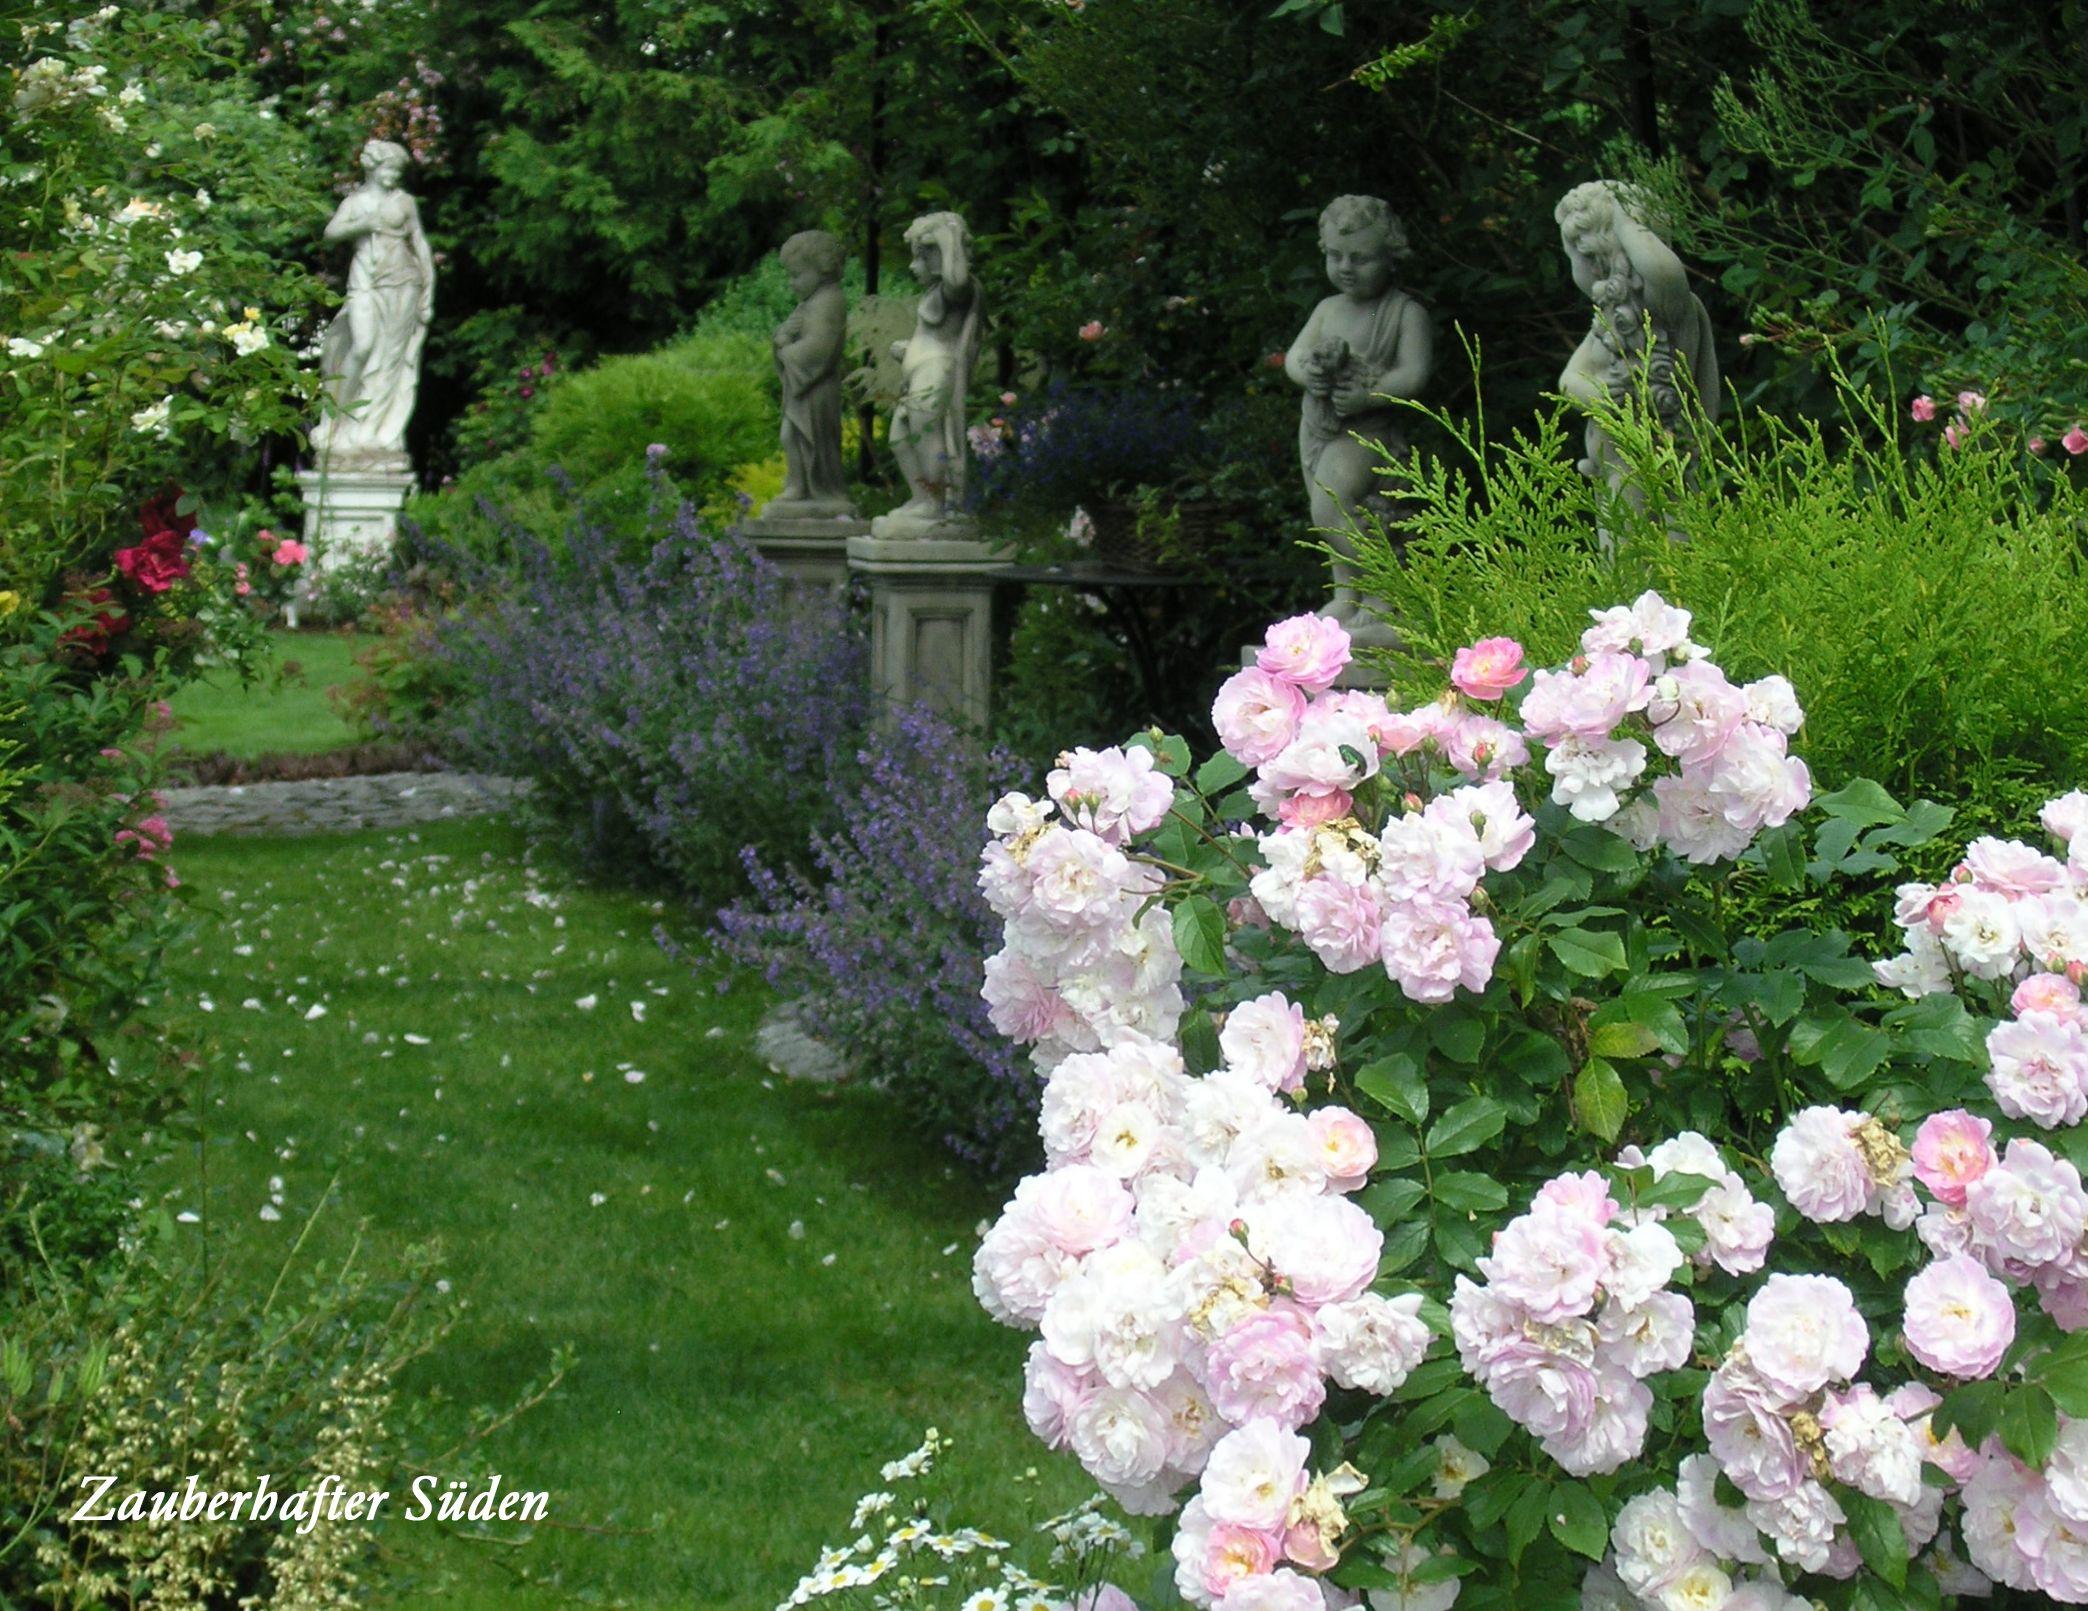 Astounding Gartentraum Sammlung Von Zauberhafter Süden, Der Garten Von Petra Steiner